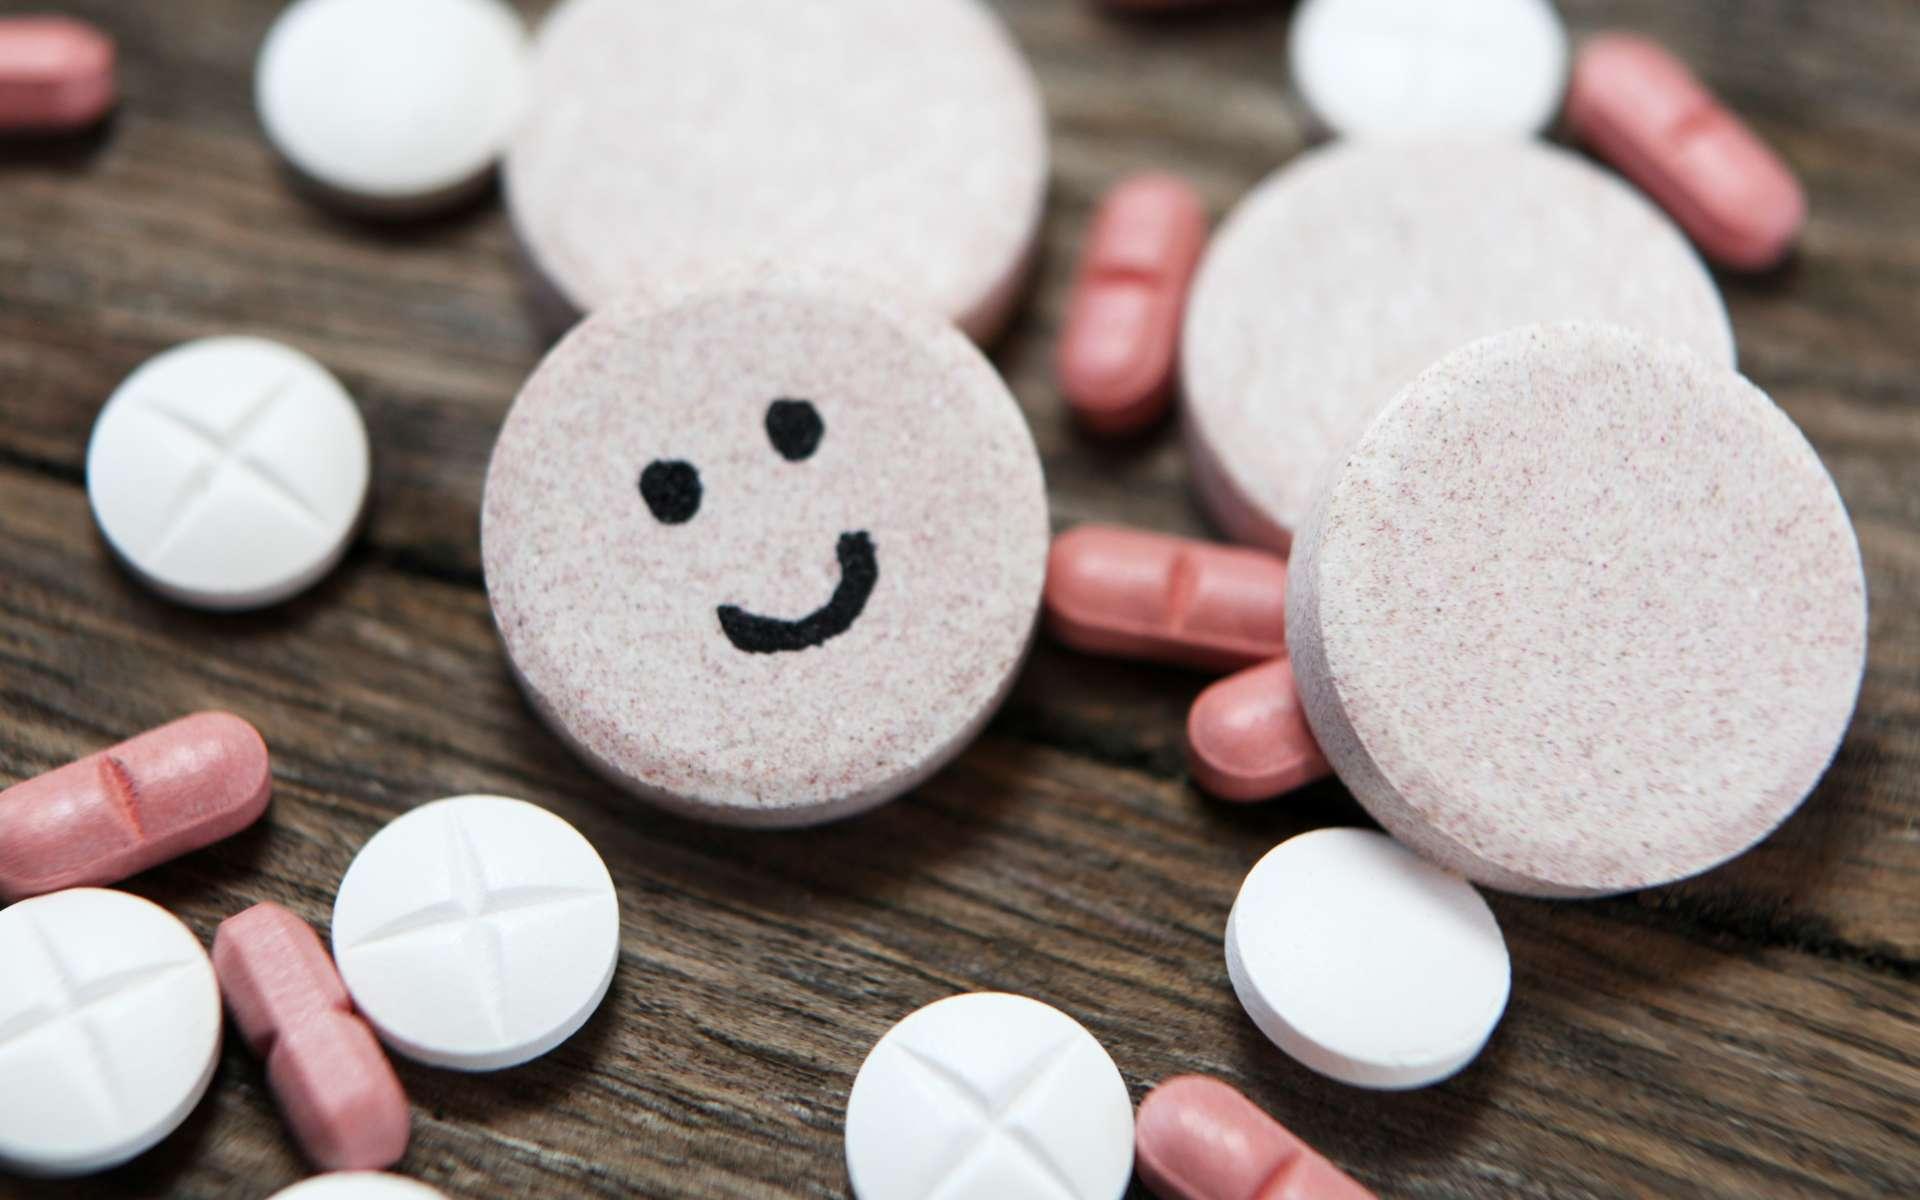 Notre microbiote jouerait-il un rôle dans l'efficacité des traitements antidépresseurs ? © auryndriskon, Adobe Stock